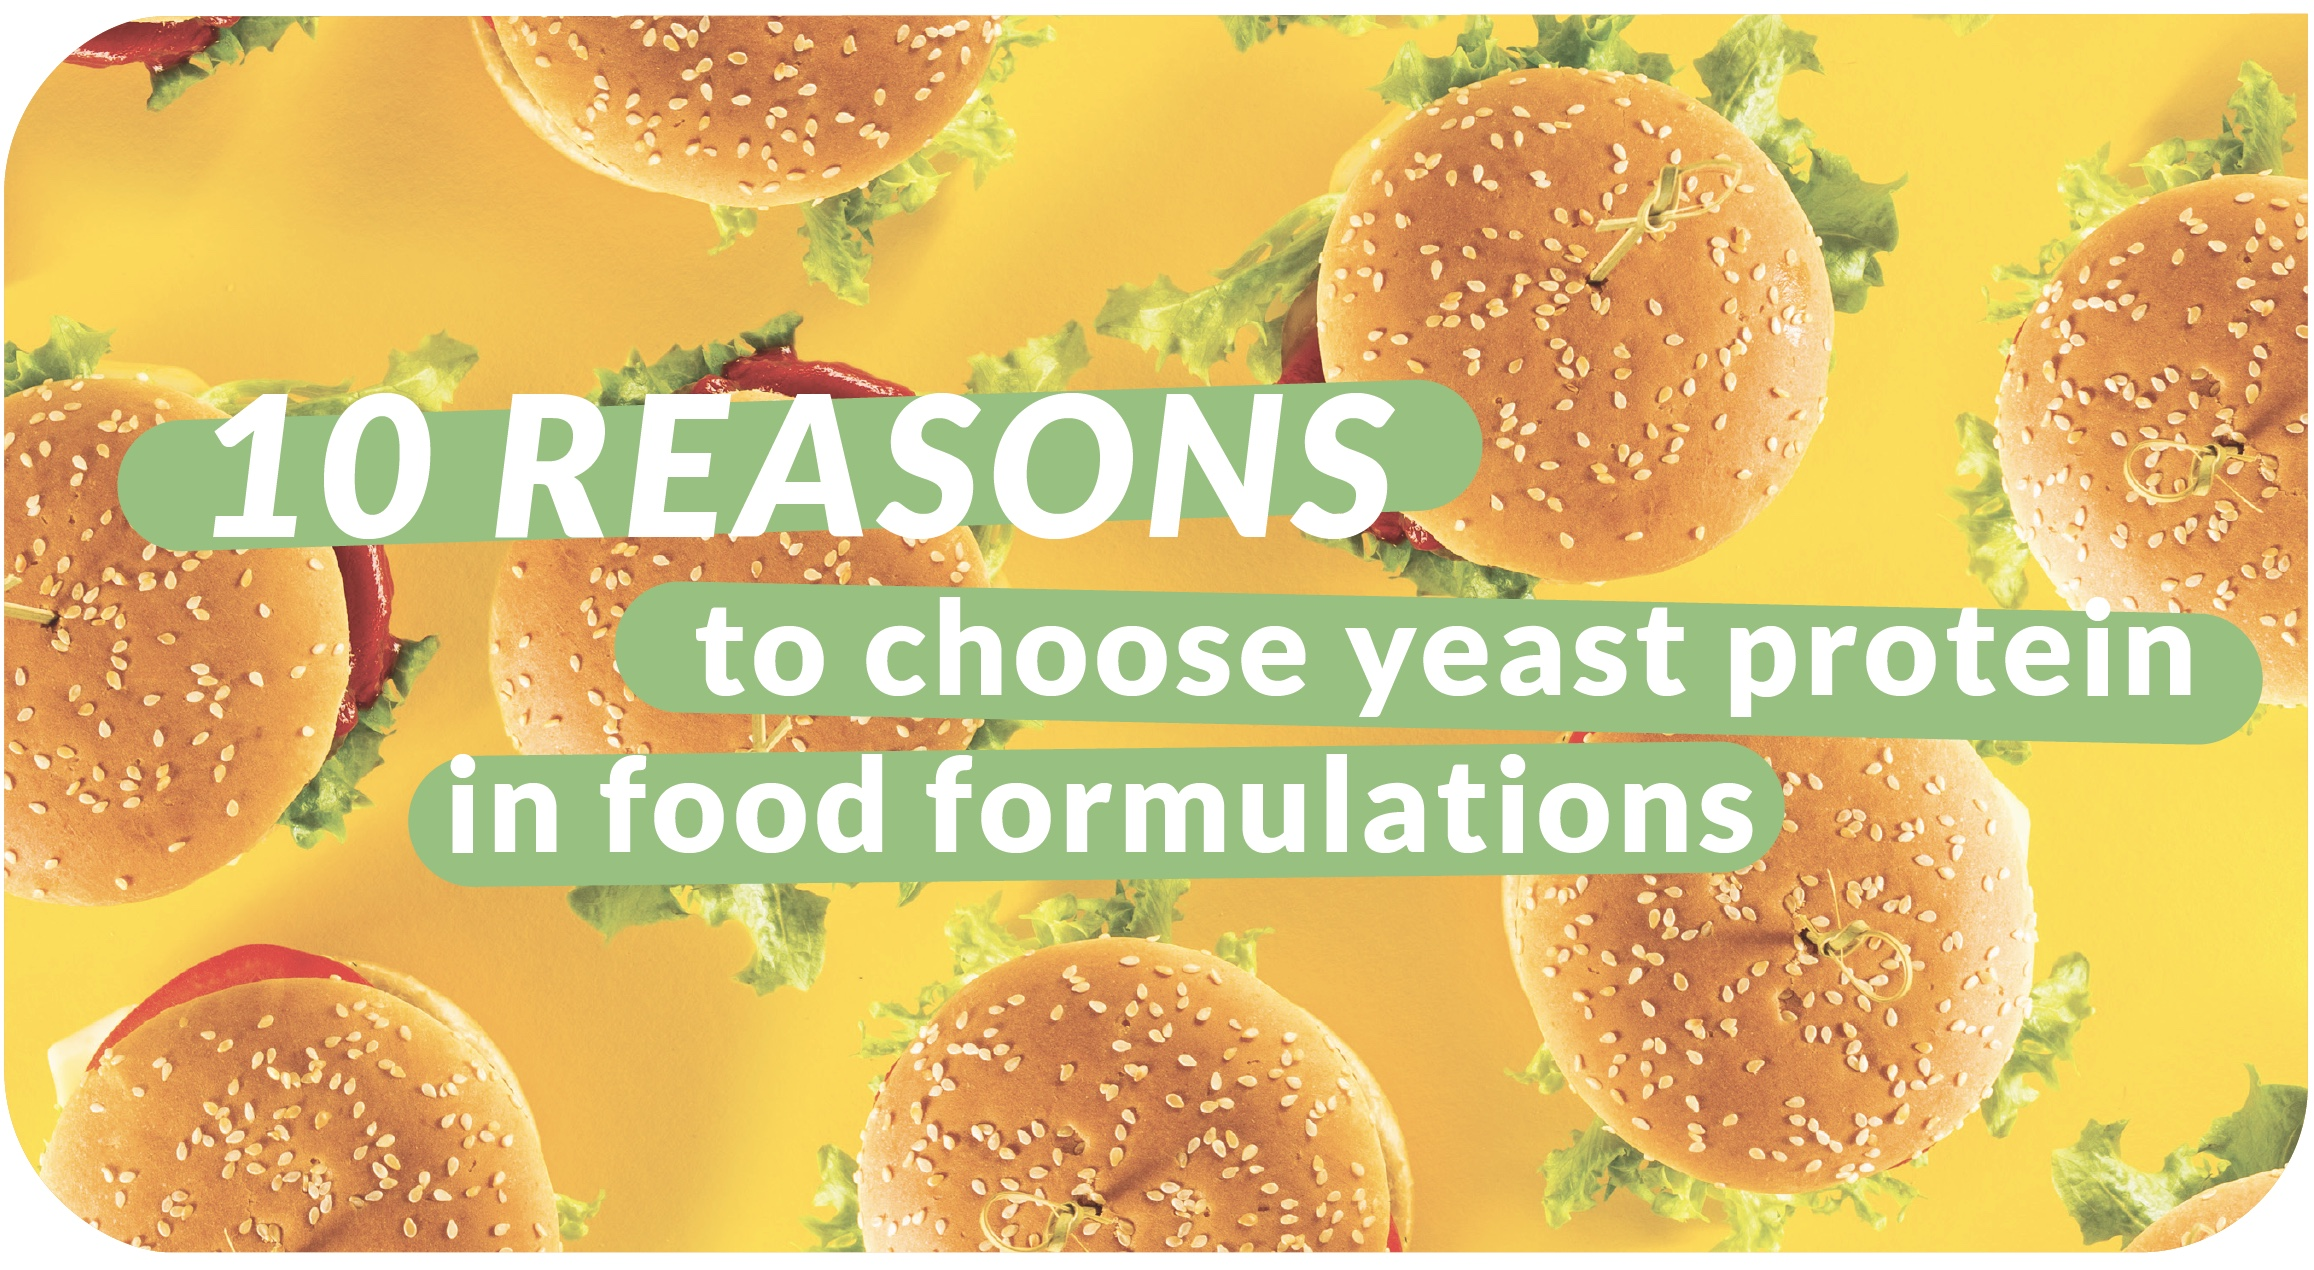 Yeast protein